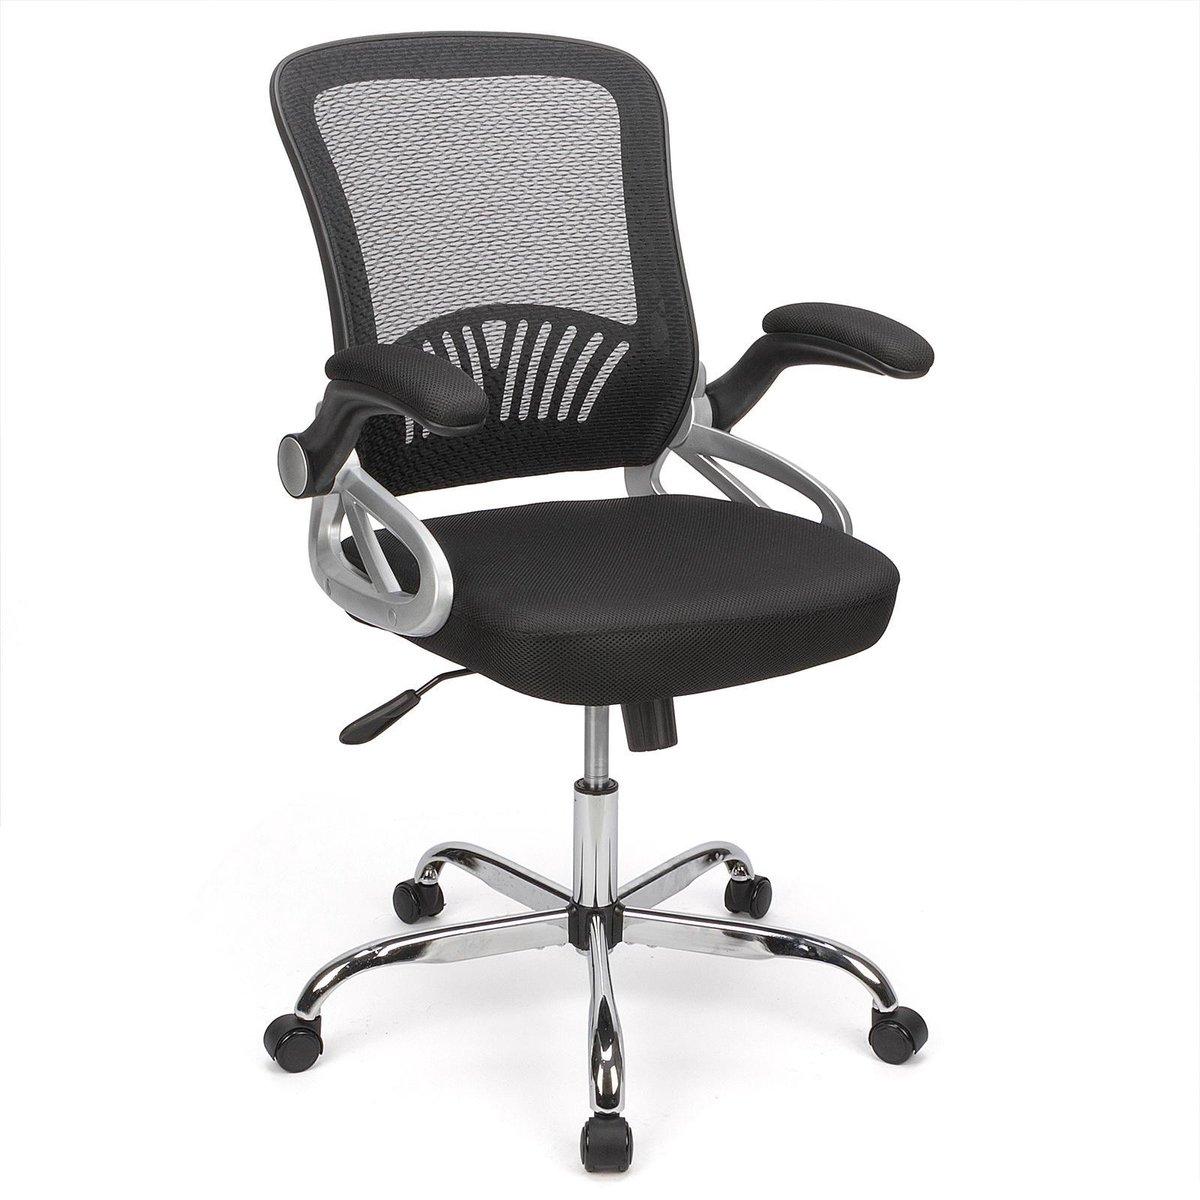 Luxe Ergonomische Bureaustoel - Opklapbare Armleuning - Mesh - Zwart - Comfort Foam